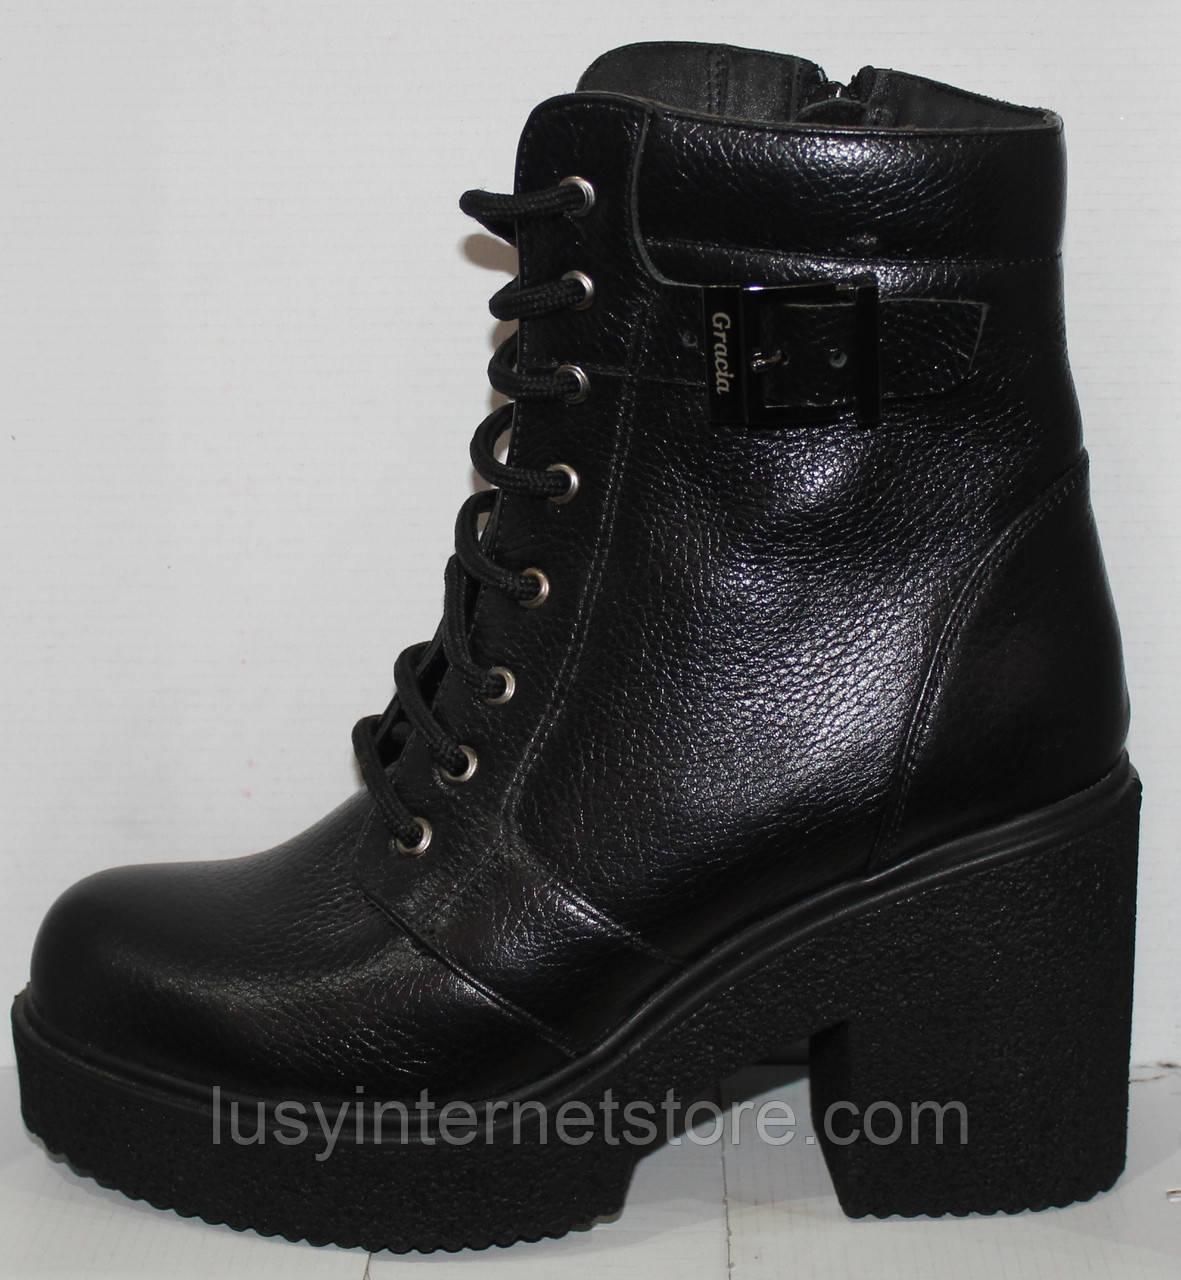 800c104fa Женские ботинки весна молодежные кожаные, женская обувь весна кожаная от  производителя модель Л451Ч - Lusy